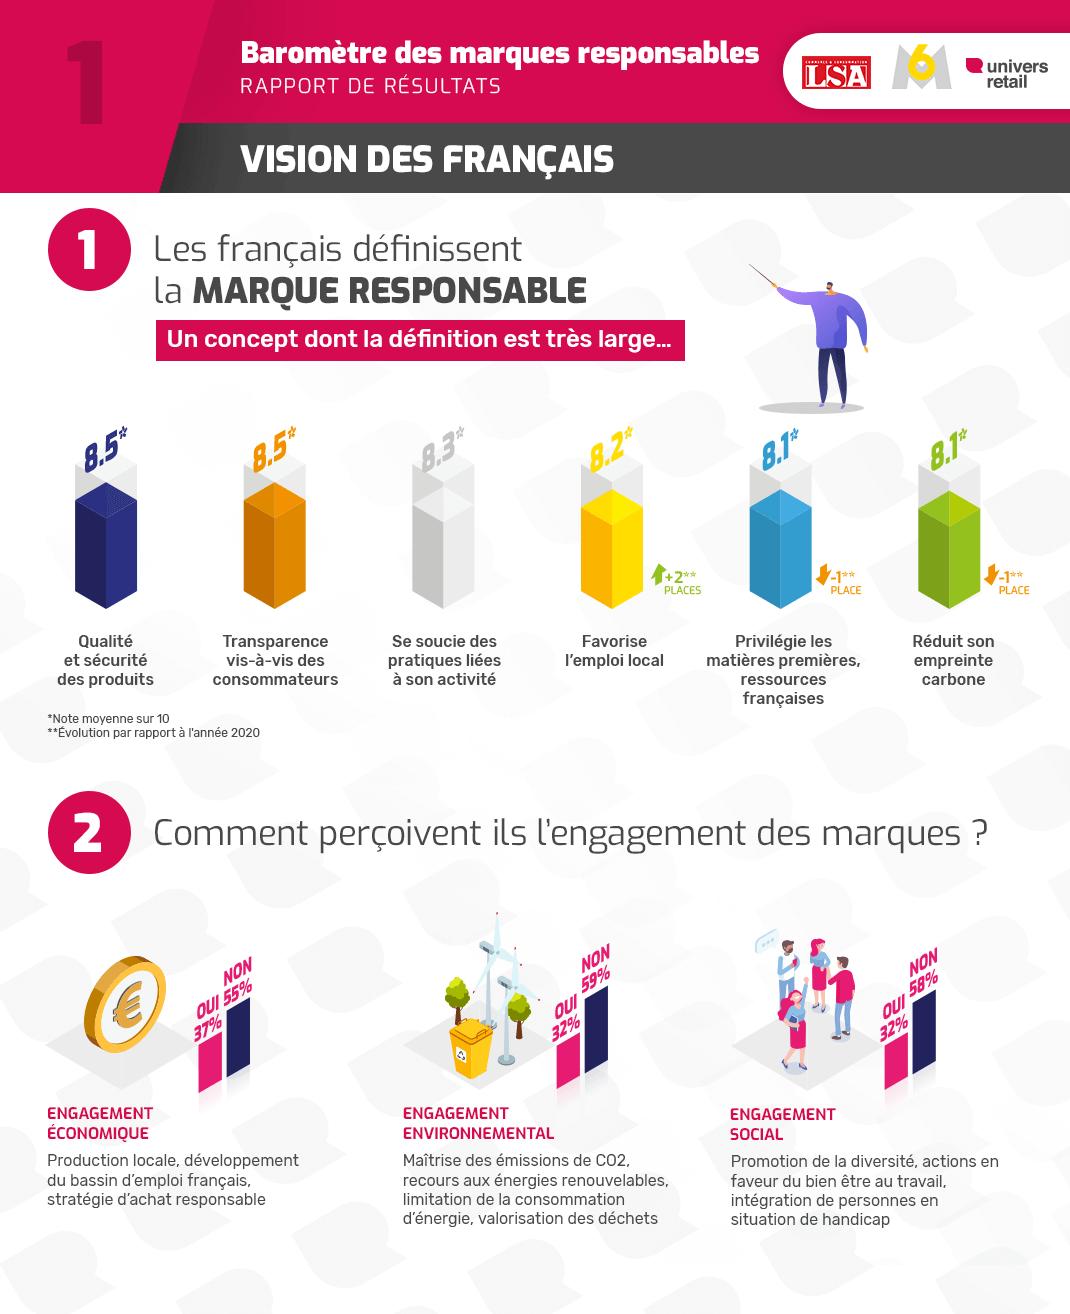 Responsabilité des grandes marques 2021-vision des français